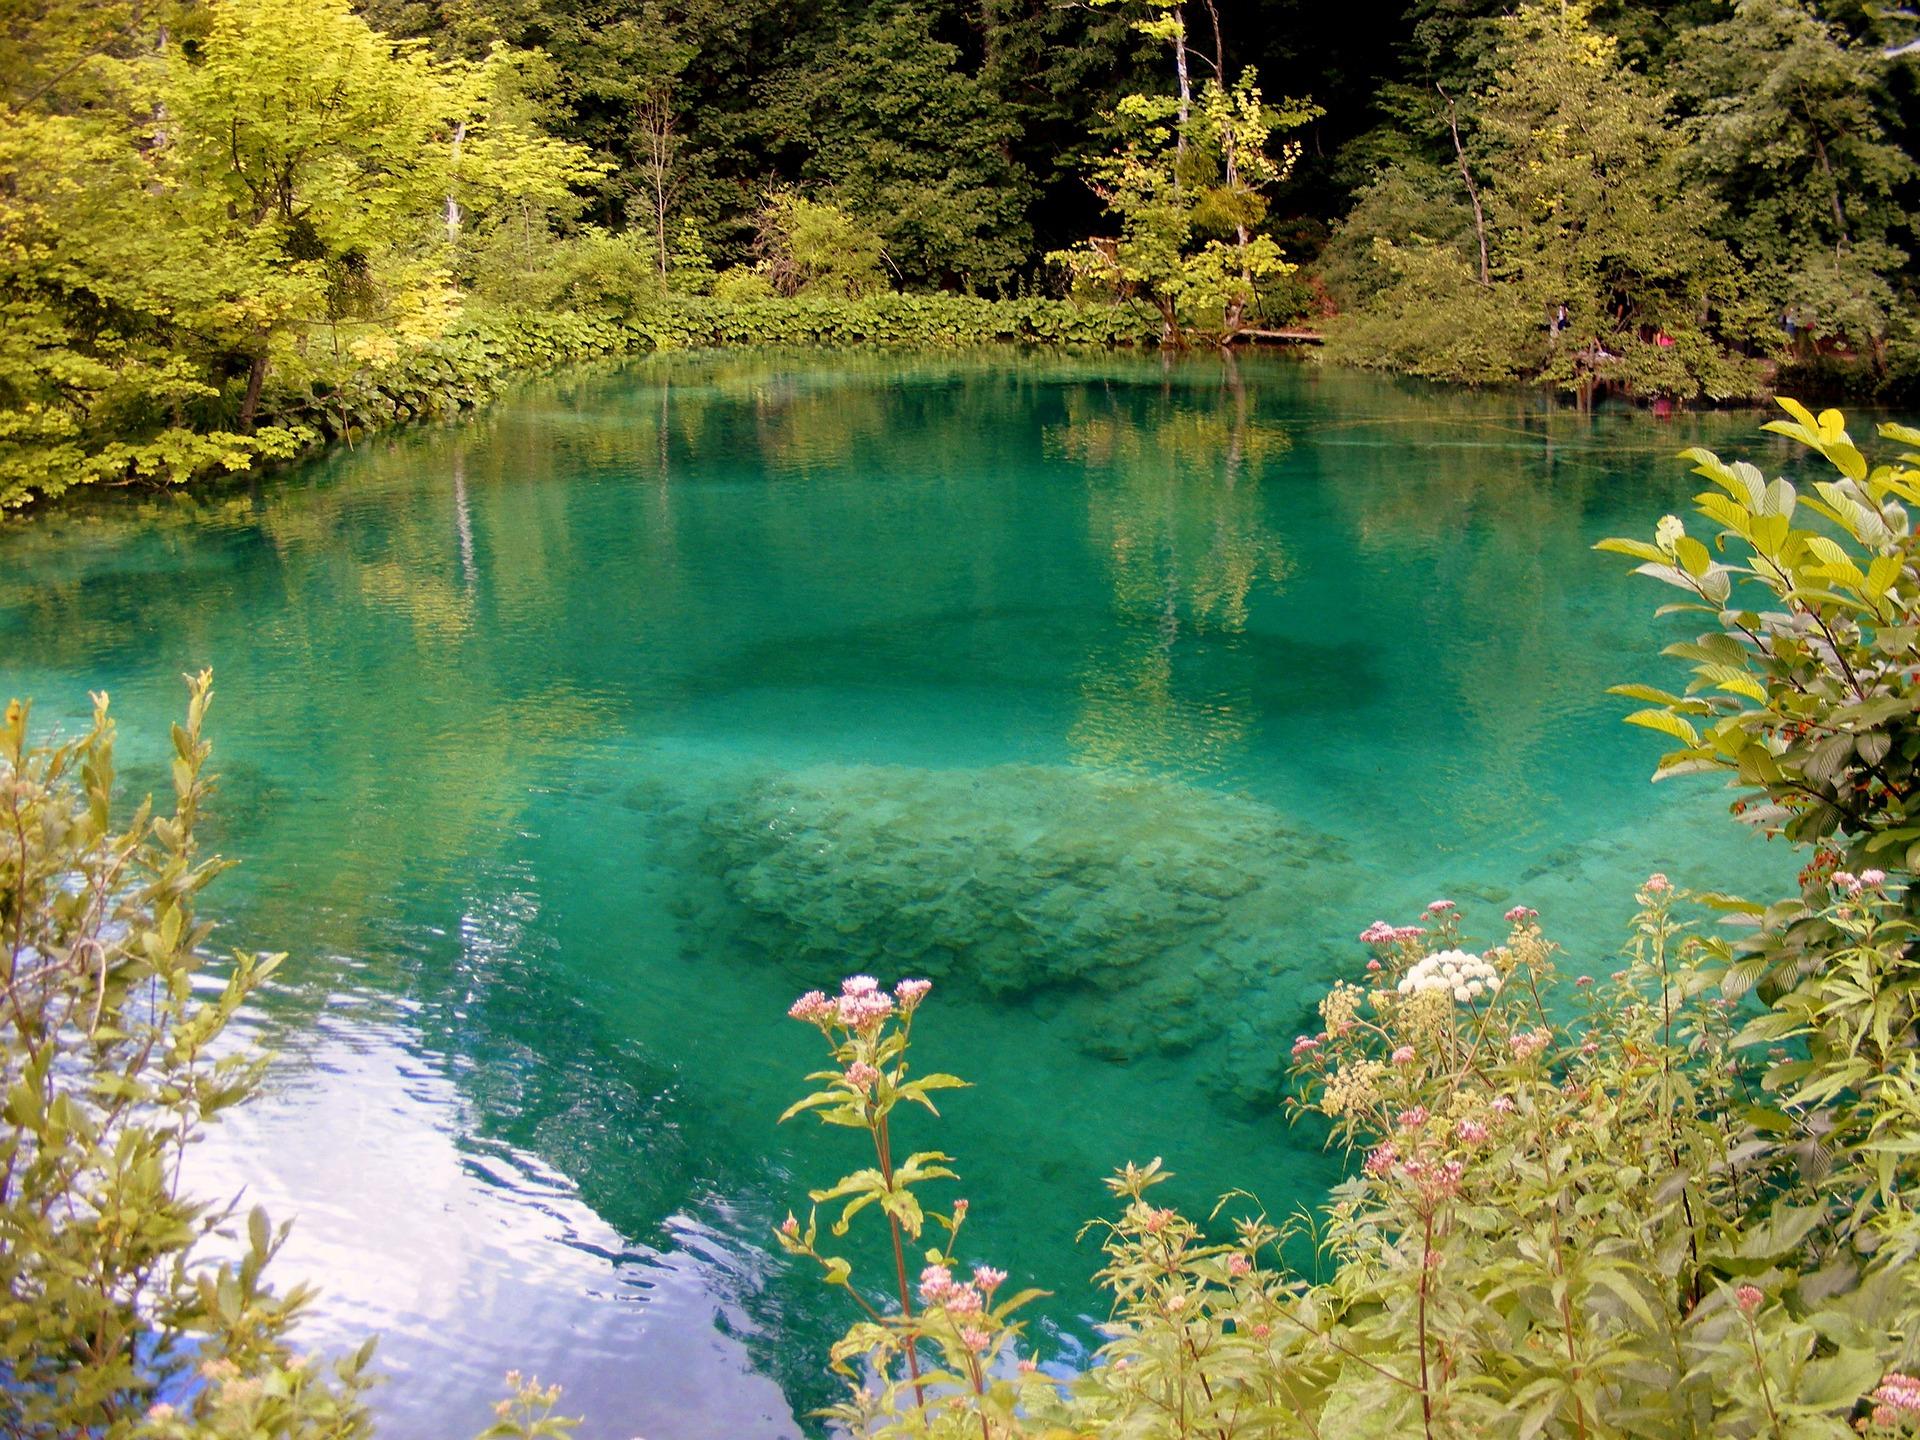 lake-476792_1920.jpg